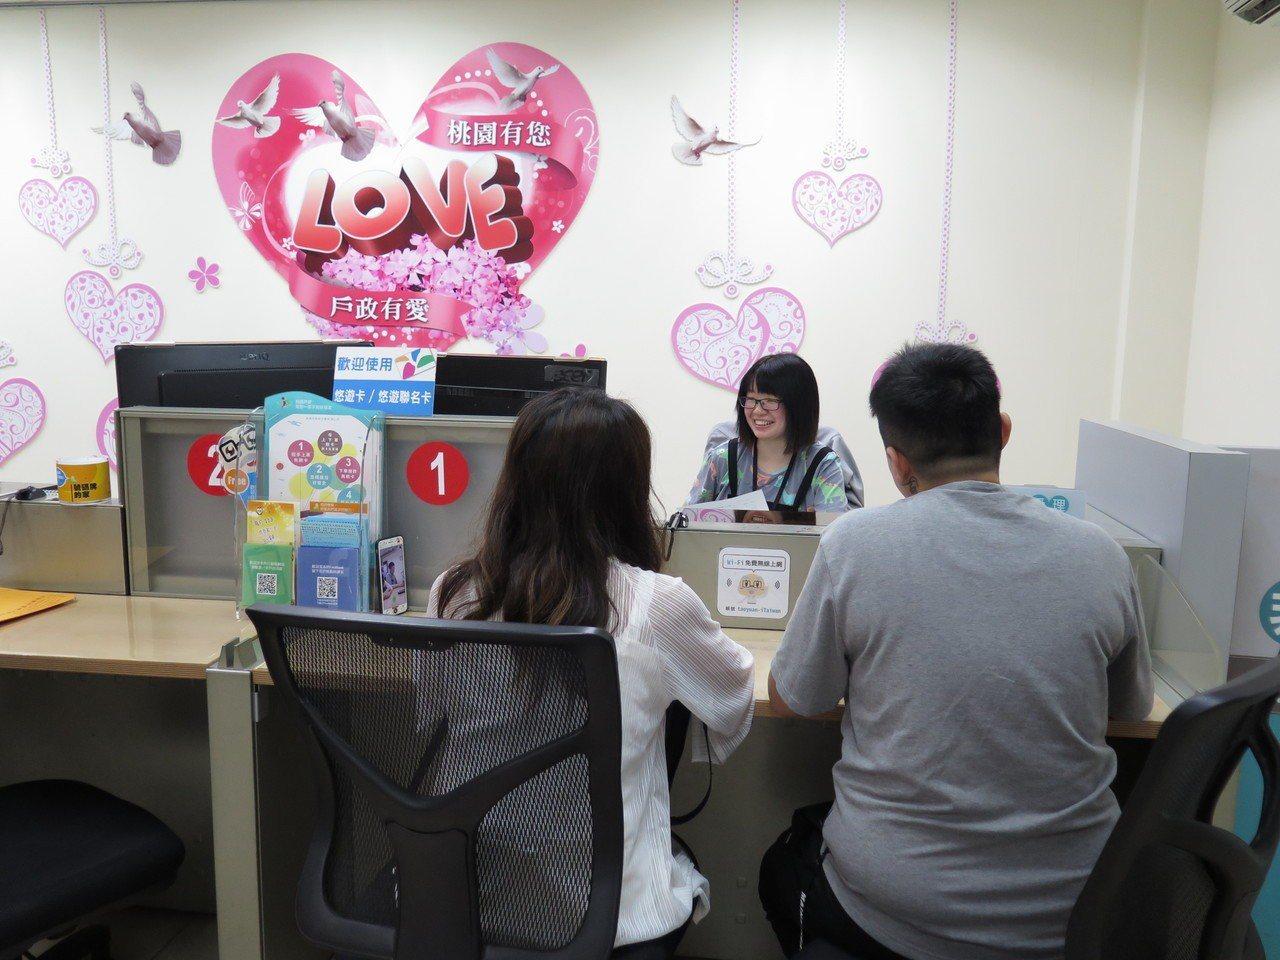 33歲妮可與伴侶K交往10年,早在1個月前就請好假要在同婚首日登記。記者張裕珍/...